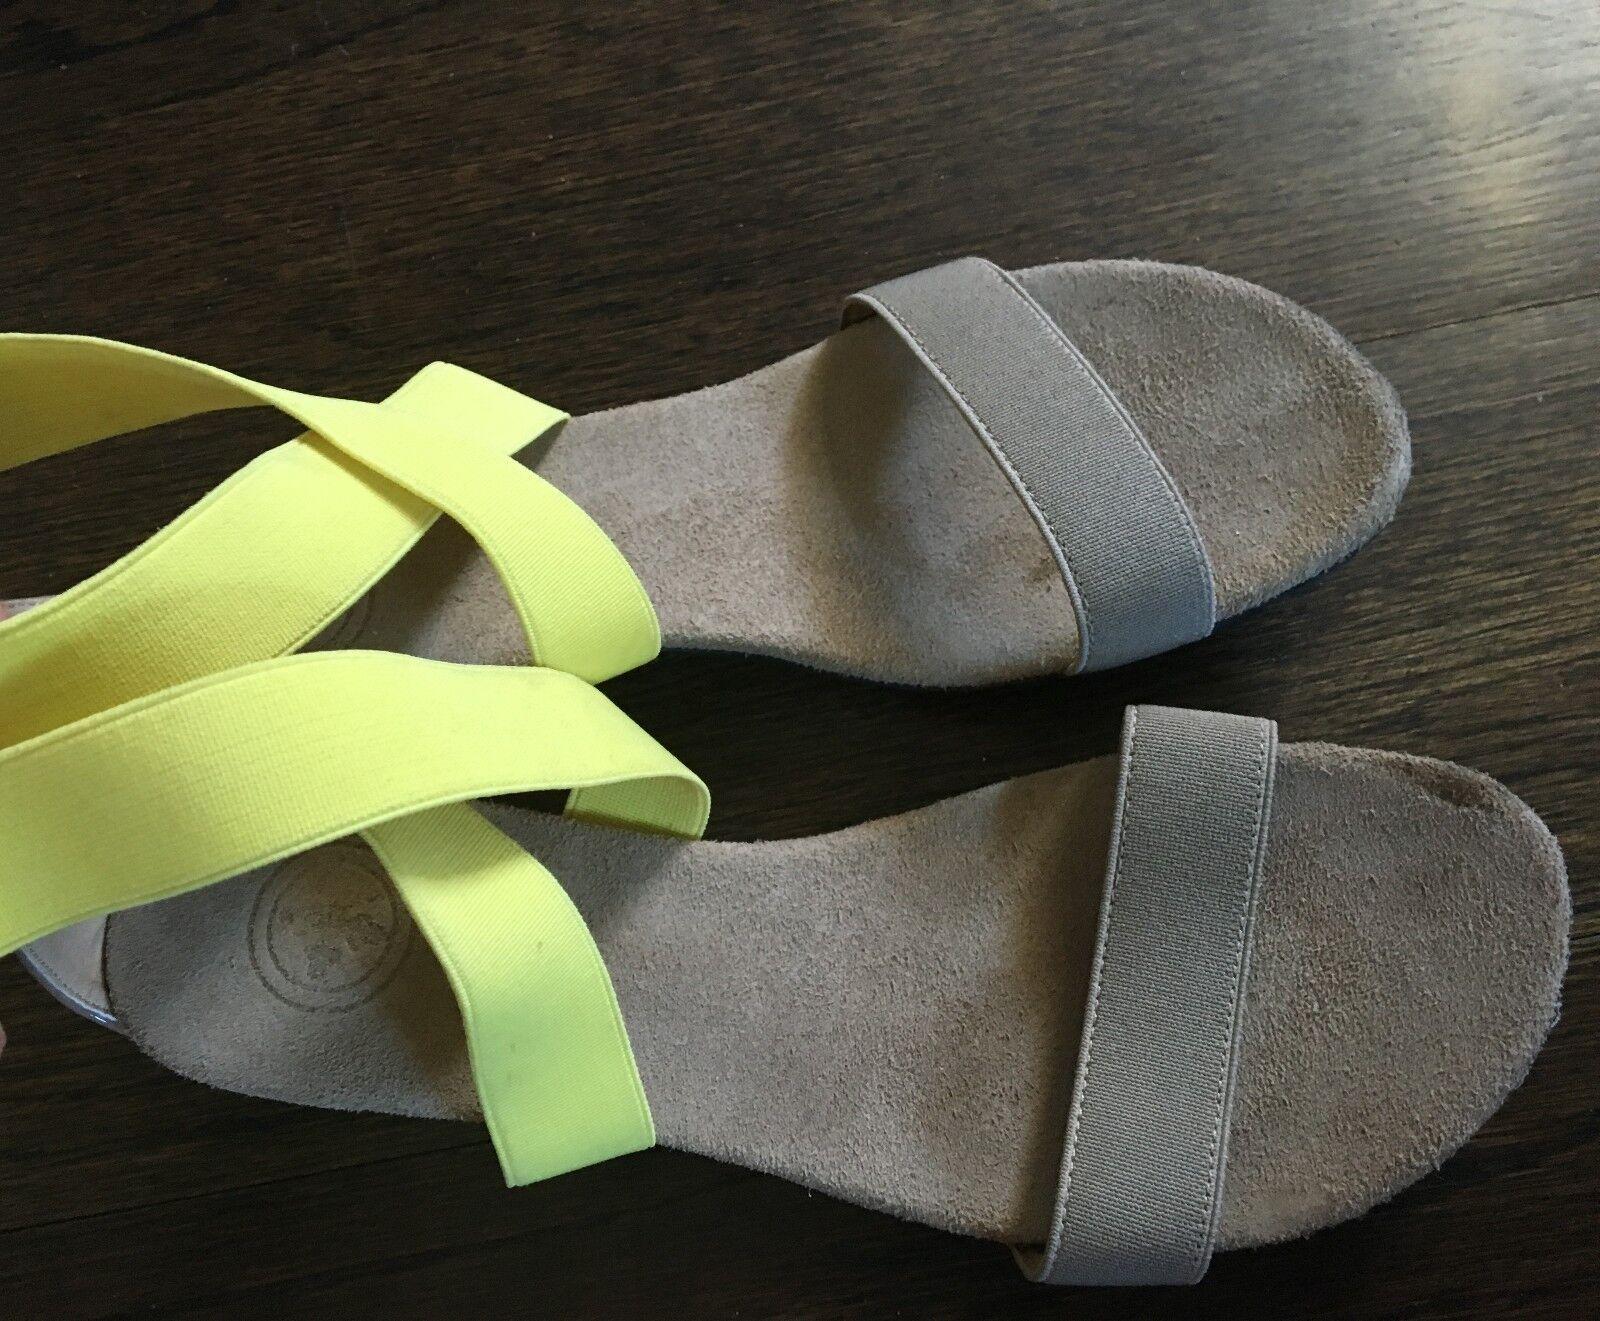 il più alla moda Charleston scarpe Company Company Company Ladies Sandals giallo Tan 9  edizione limitata